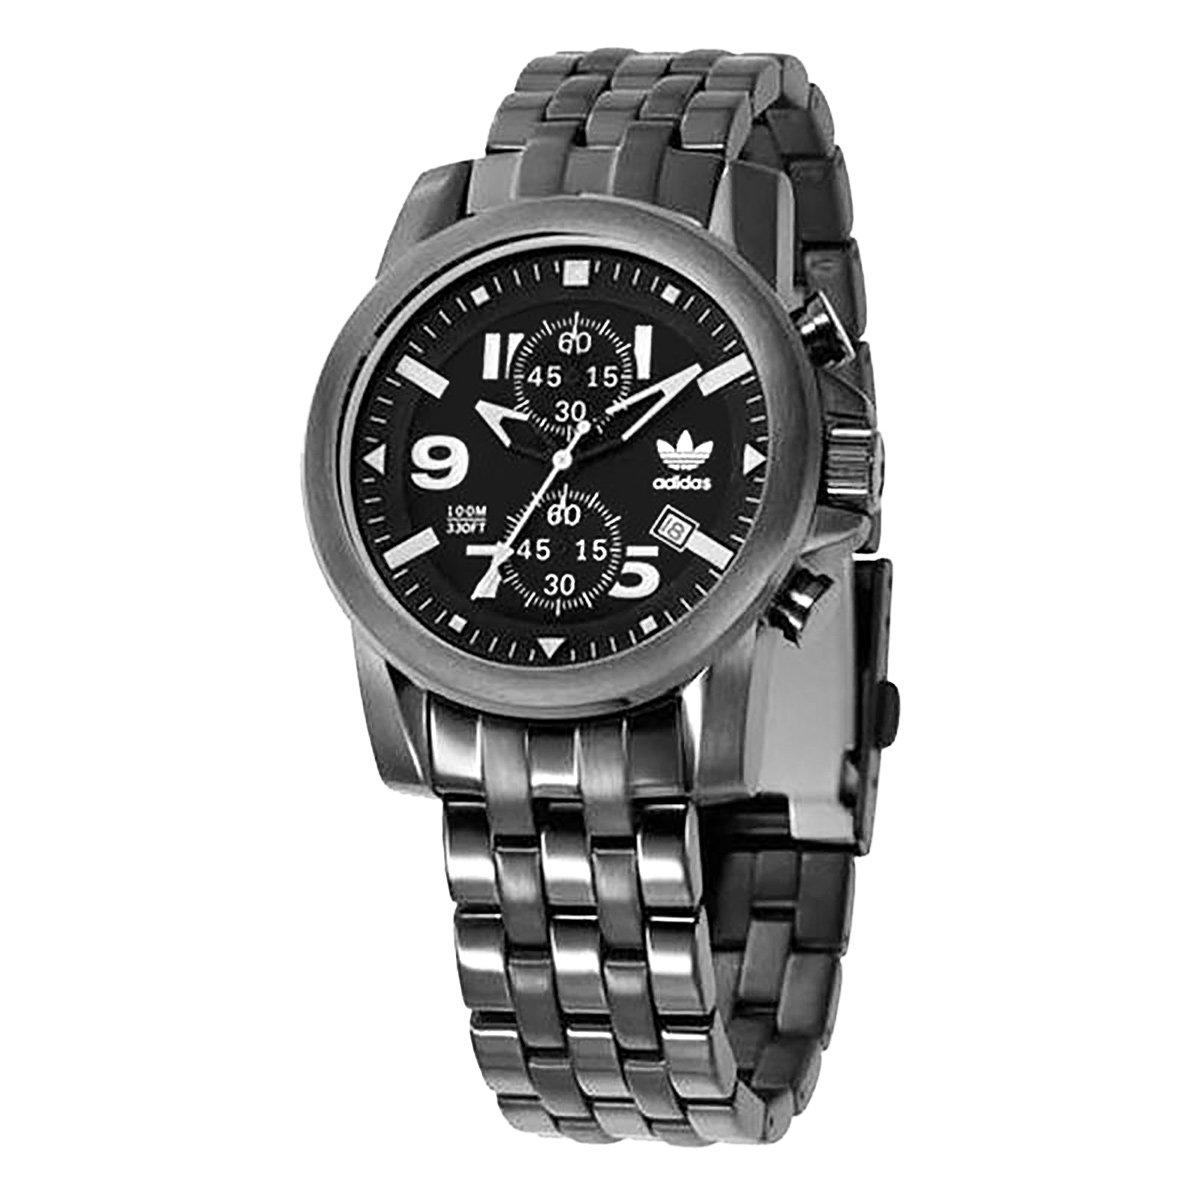 26b1f0540ea7b Relógio Adidas Trefoil Flyboy Chrono - Compre Agora   Netshoes